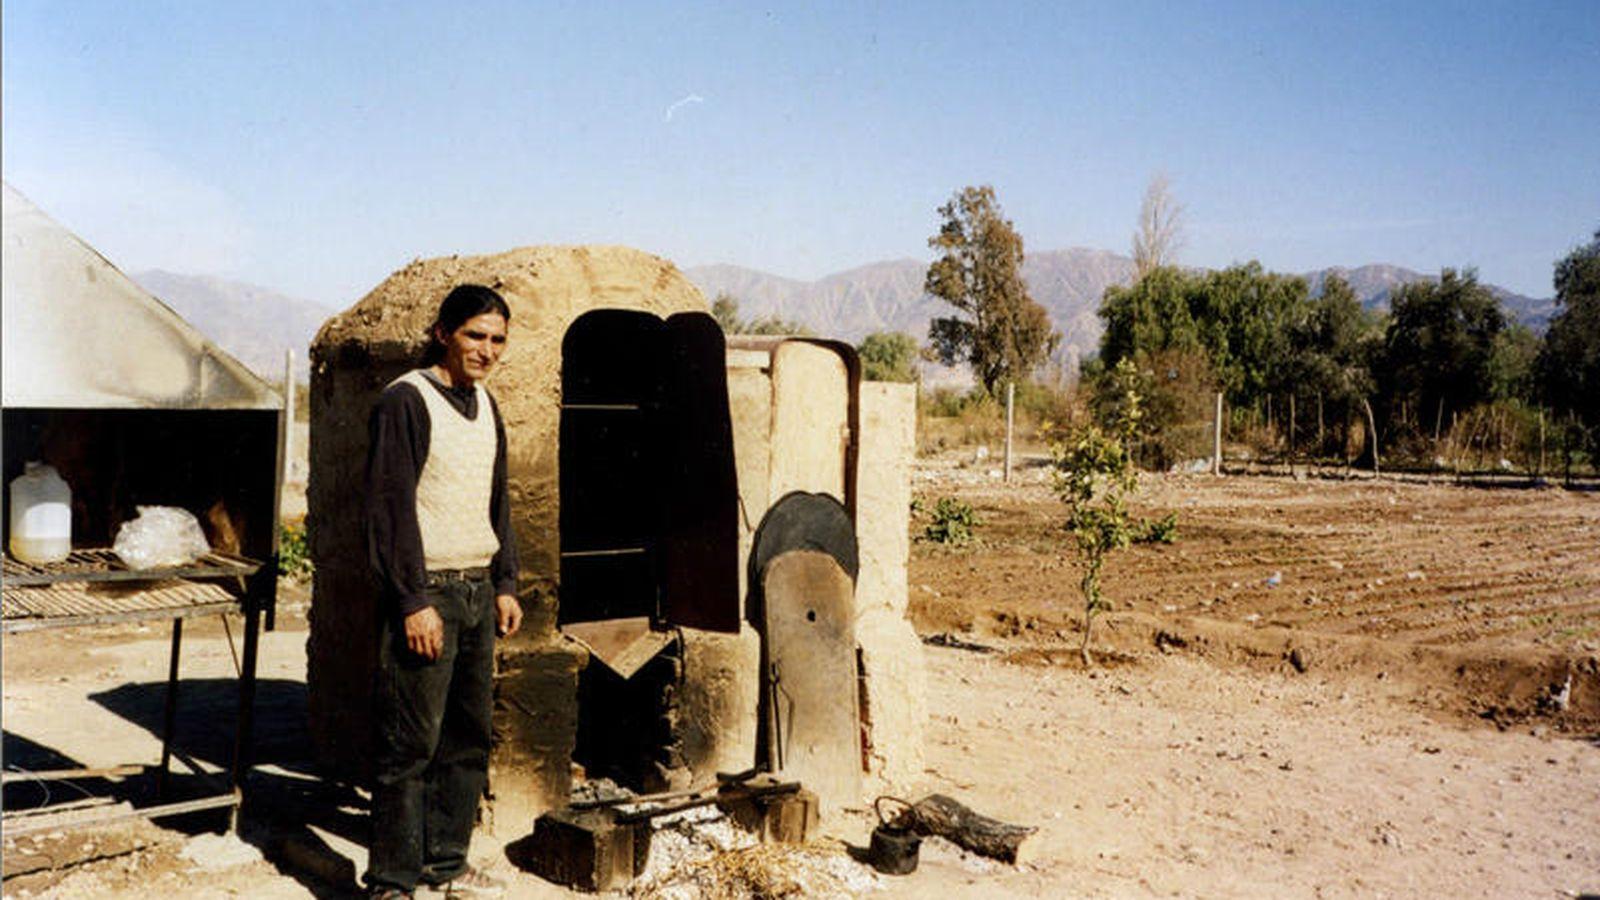 Foto: 84.000 beneficiarios no gozarán de los molinos de viento, la mayoría habitantes de las zonas más pobres de Argentina. (Fundación Ernesto Sabato)